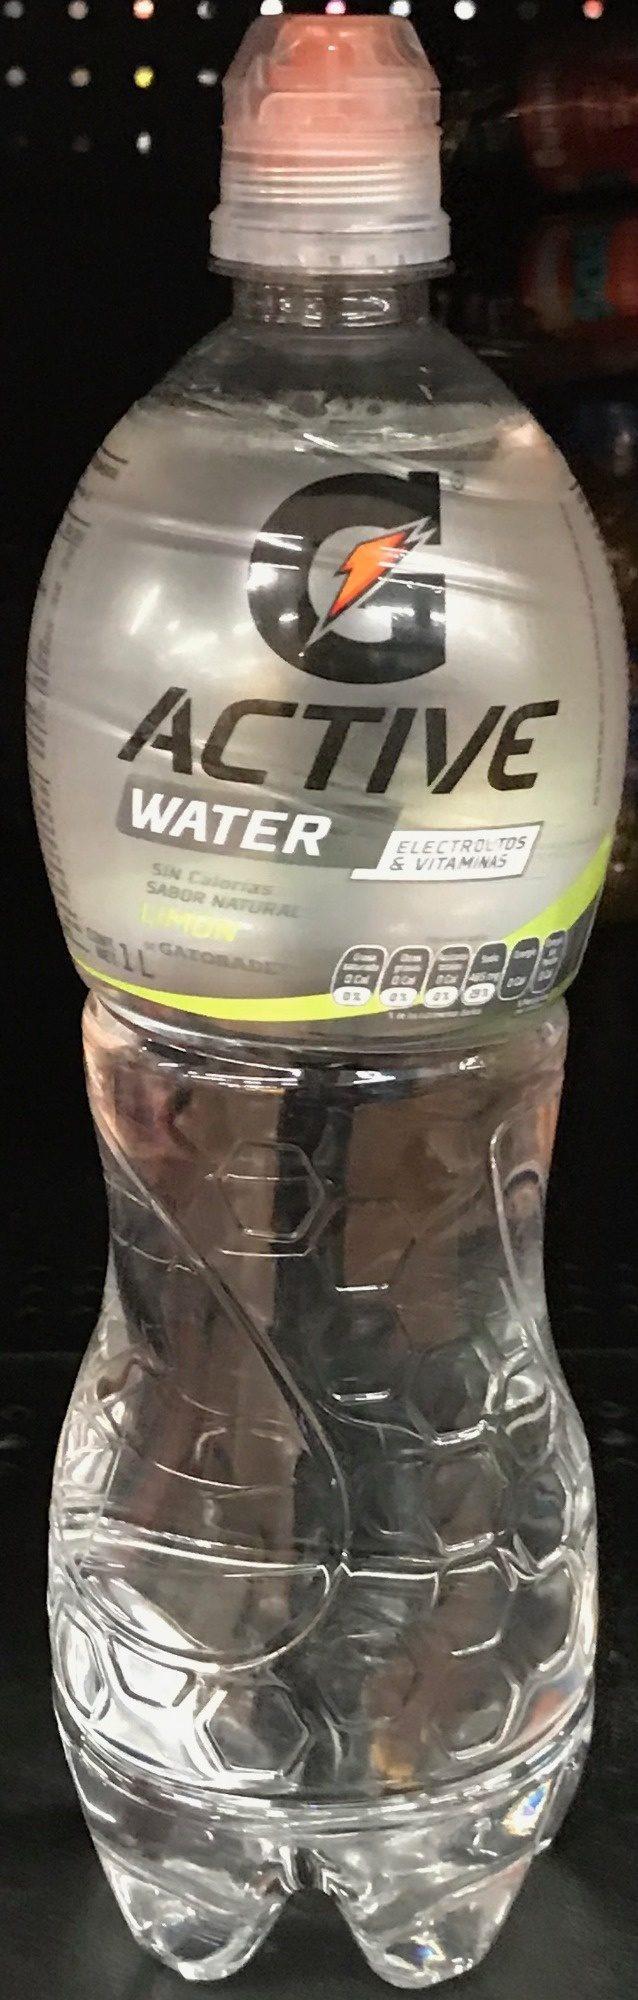 Active Water sabor limón - Produit